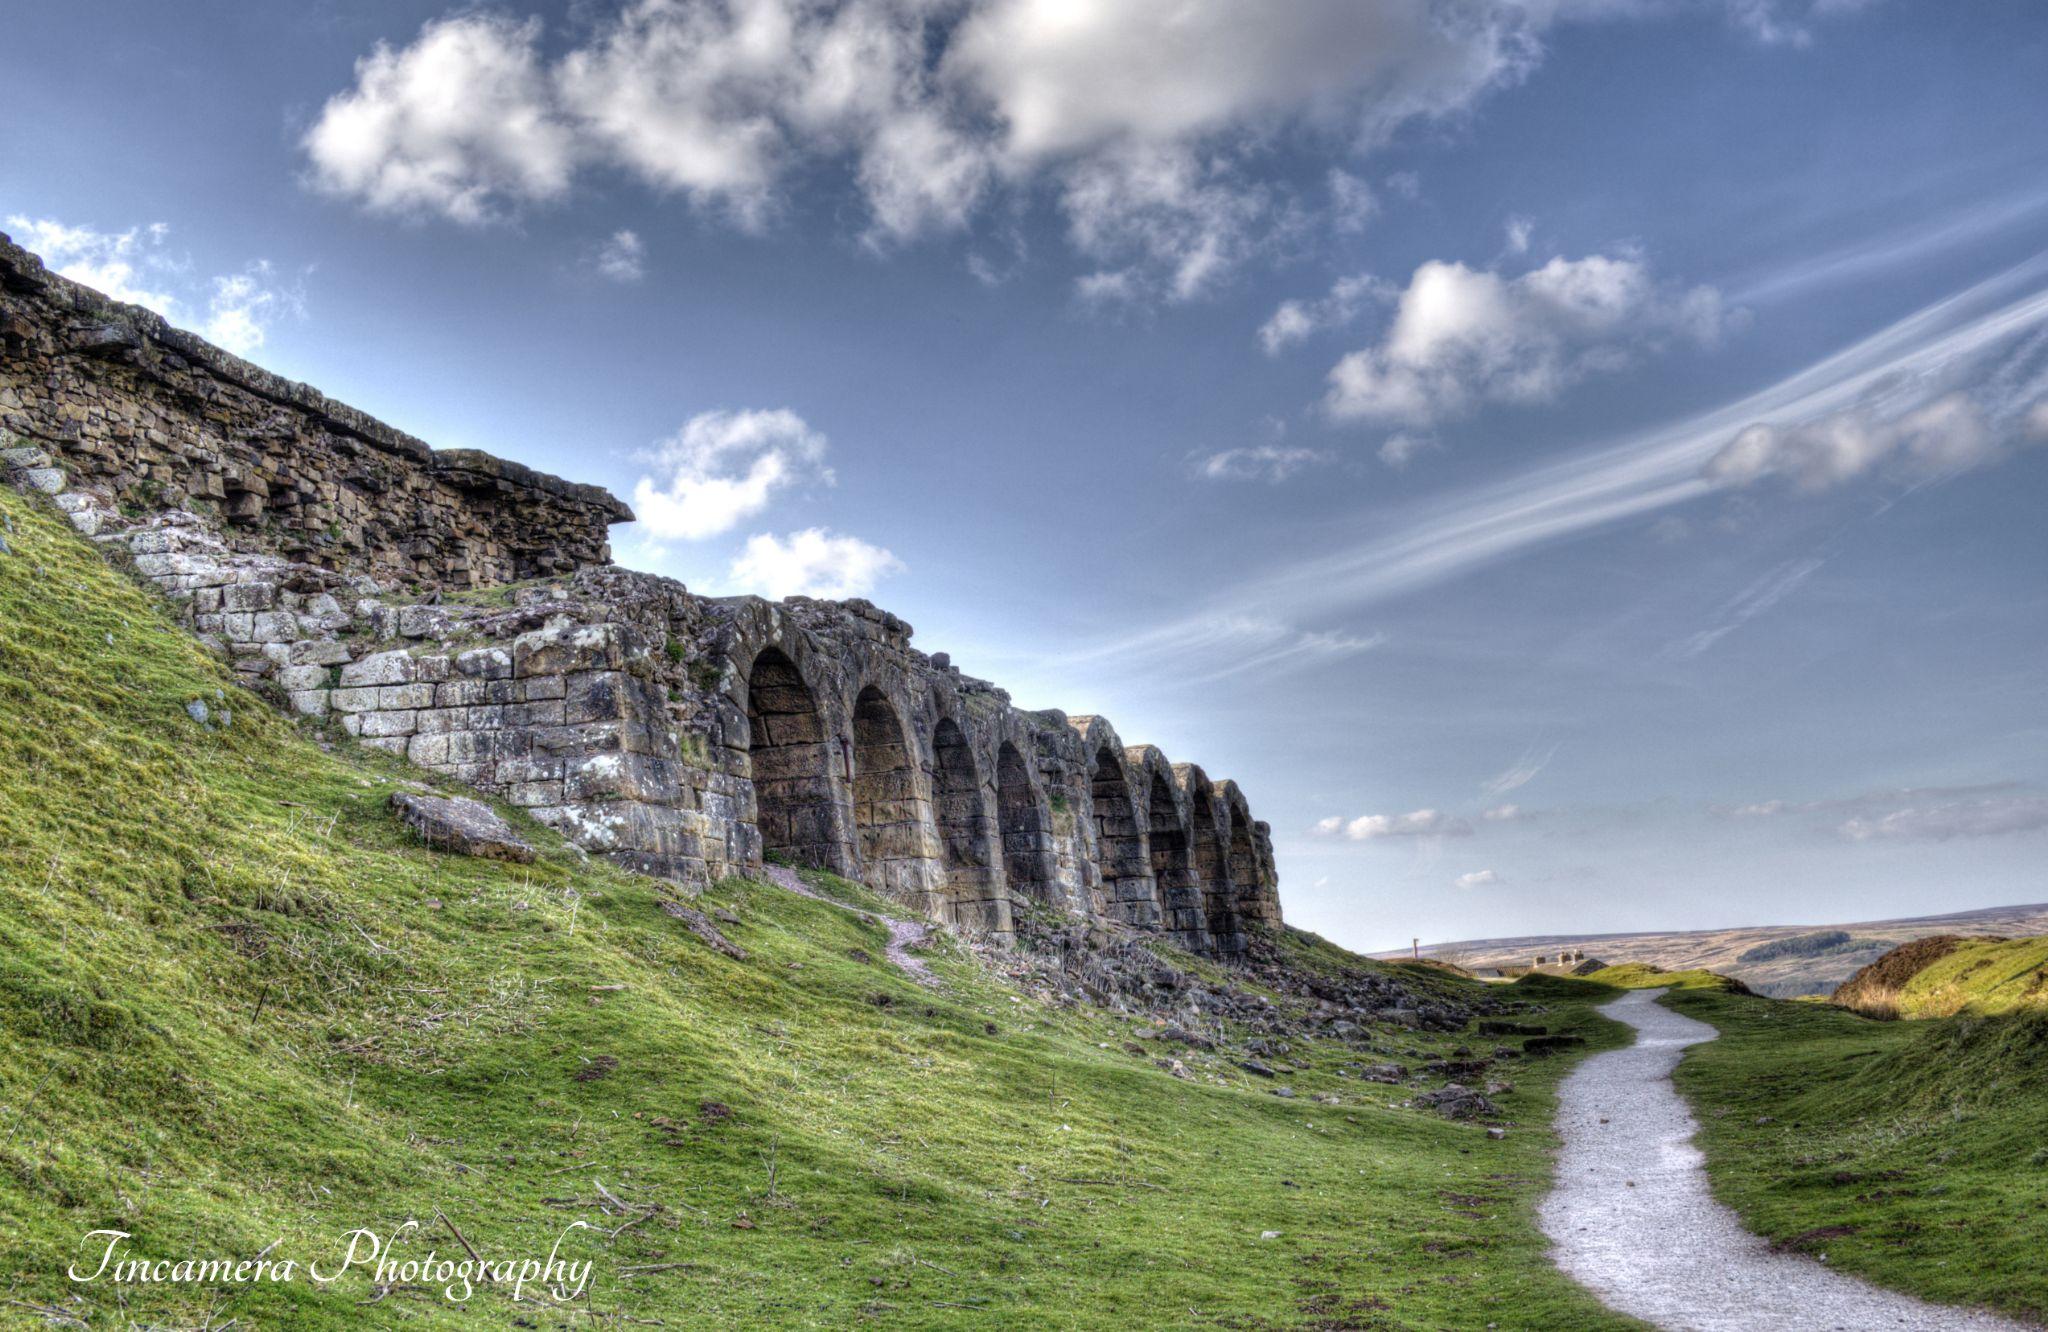 Bank Top Ironstone Kilns by john jenkinson